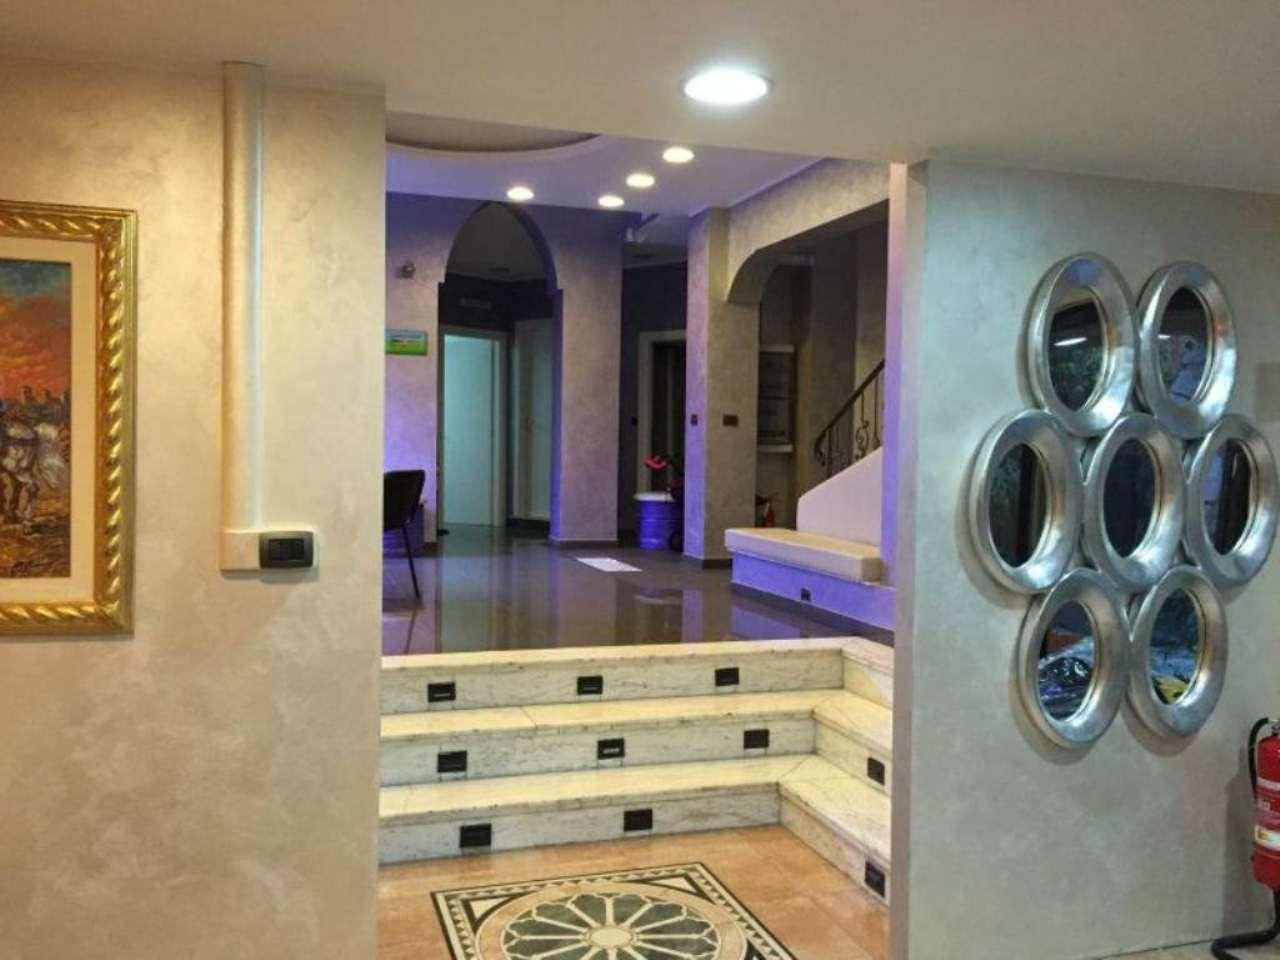 Palazzo / Stabile in vendita a Torino, 9999 locali, zona Zona: 8 . San Paolo, Cenisia, prezzo € 560.000 | Cambio Casa.it